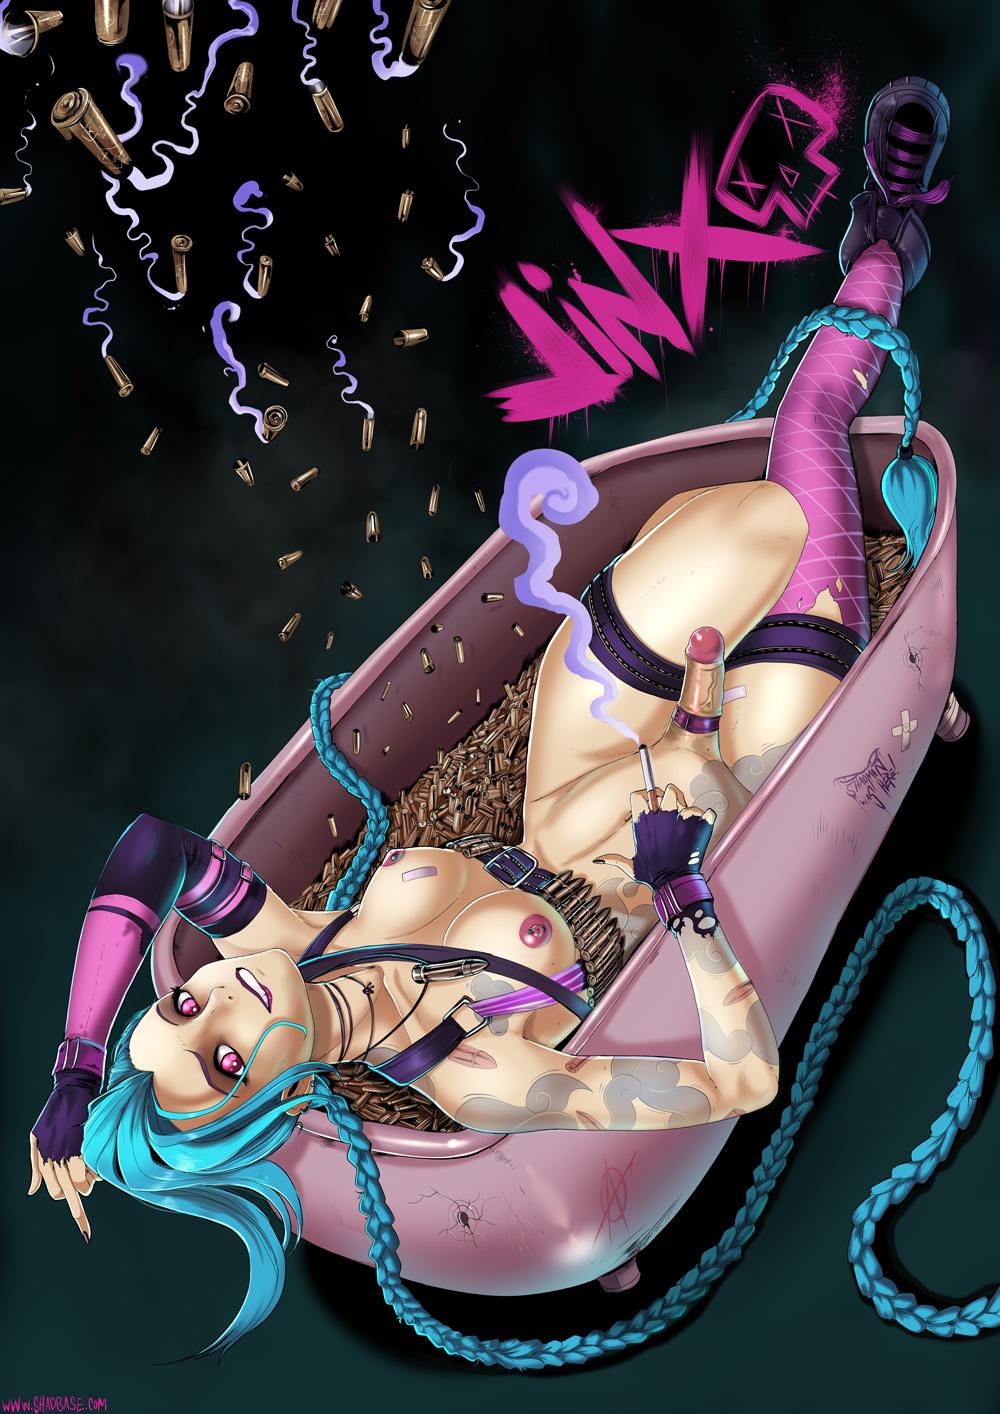 of legends league krepo nudes Ranma 1/2 xxx